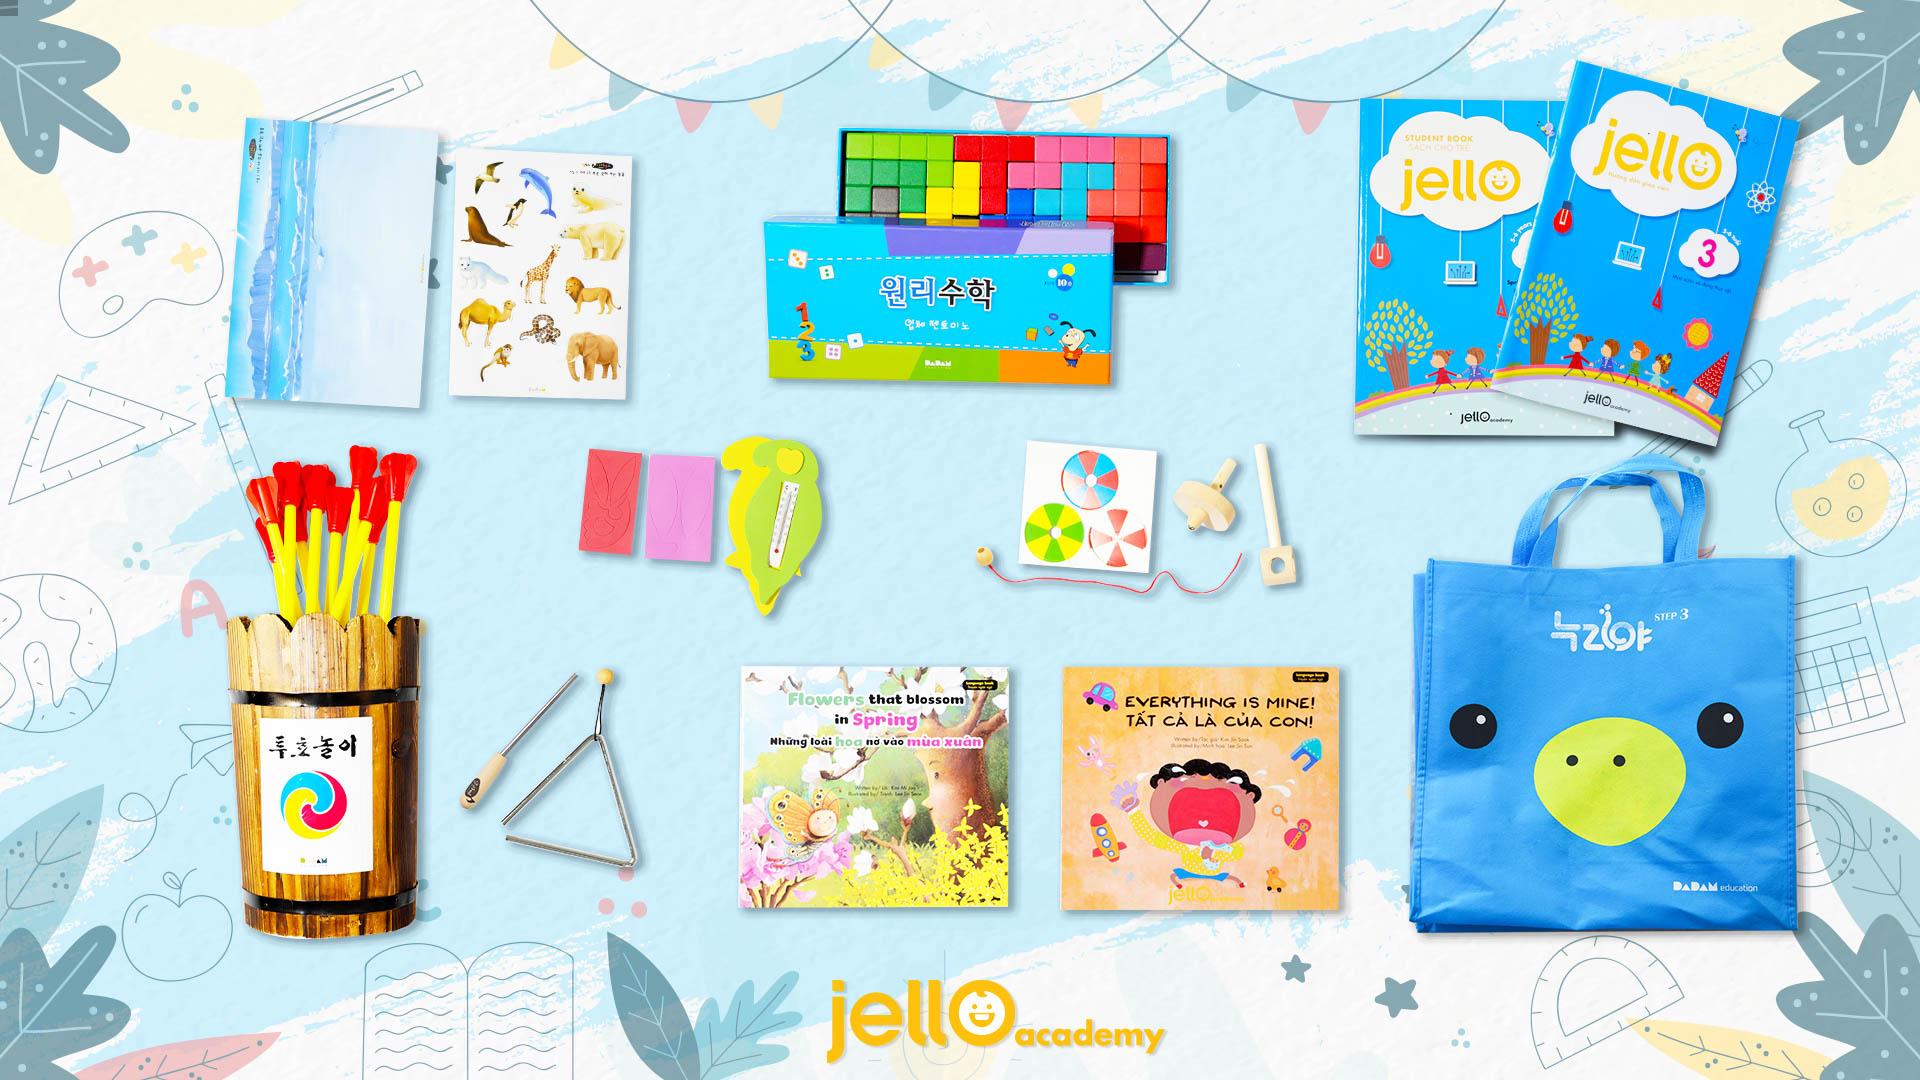 Bộ học cụ Jello - 5 Tuổi - Tháng 03